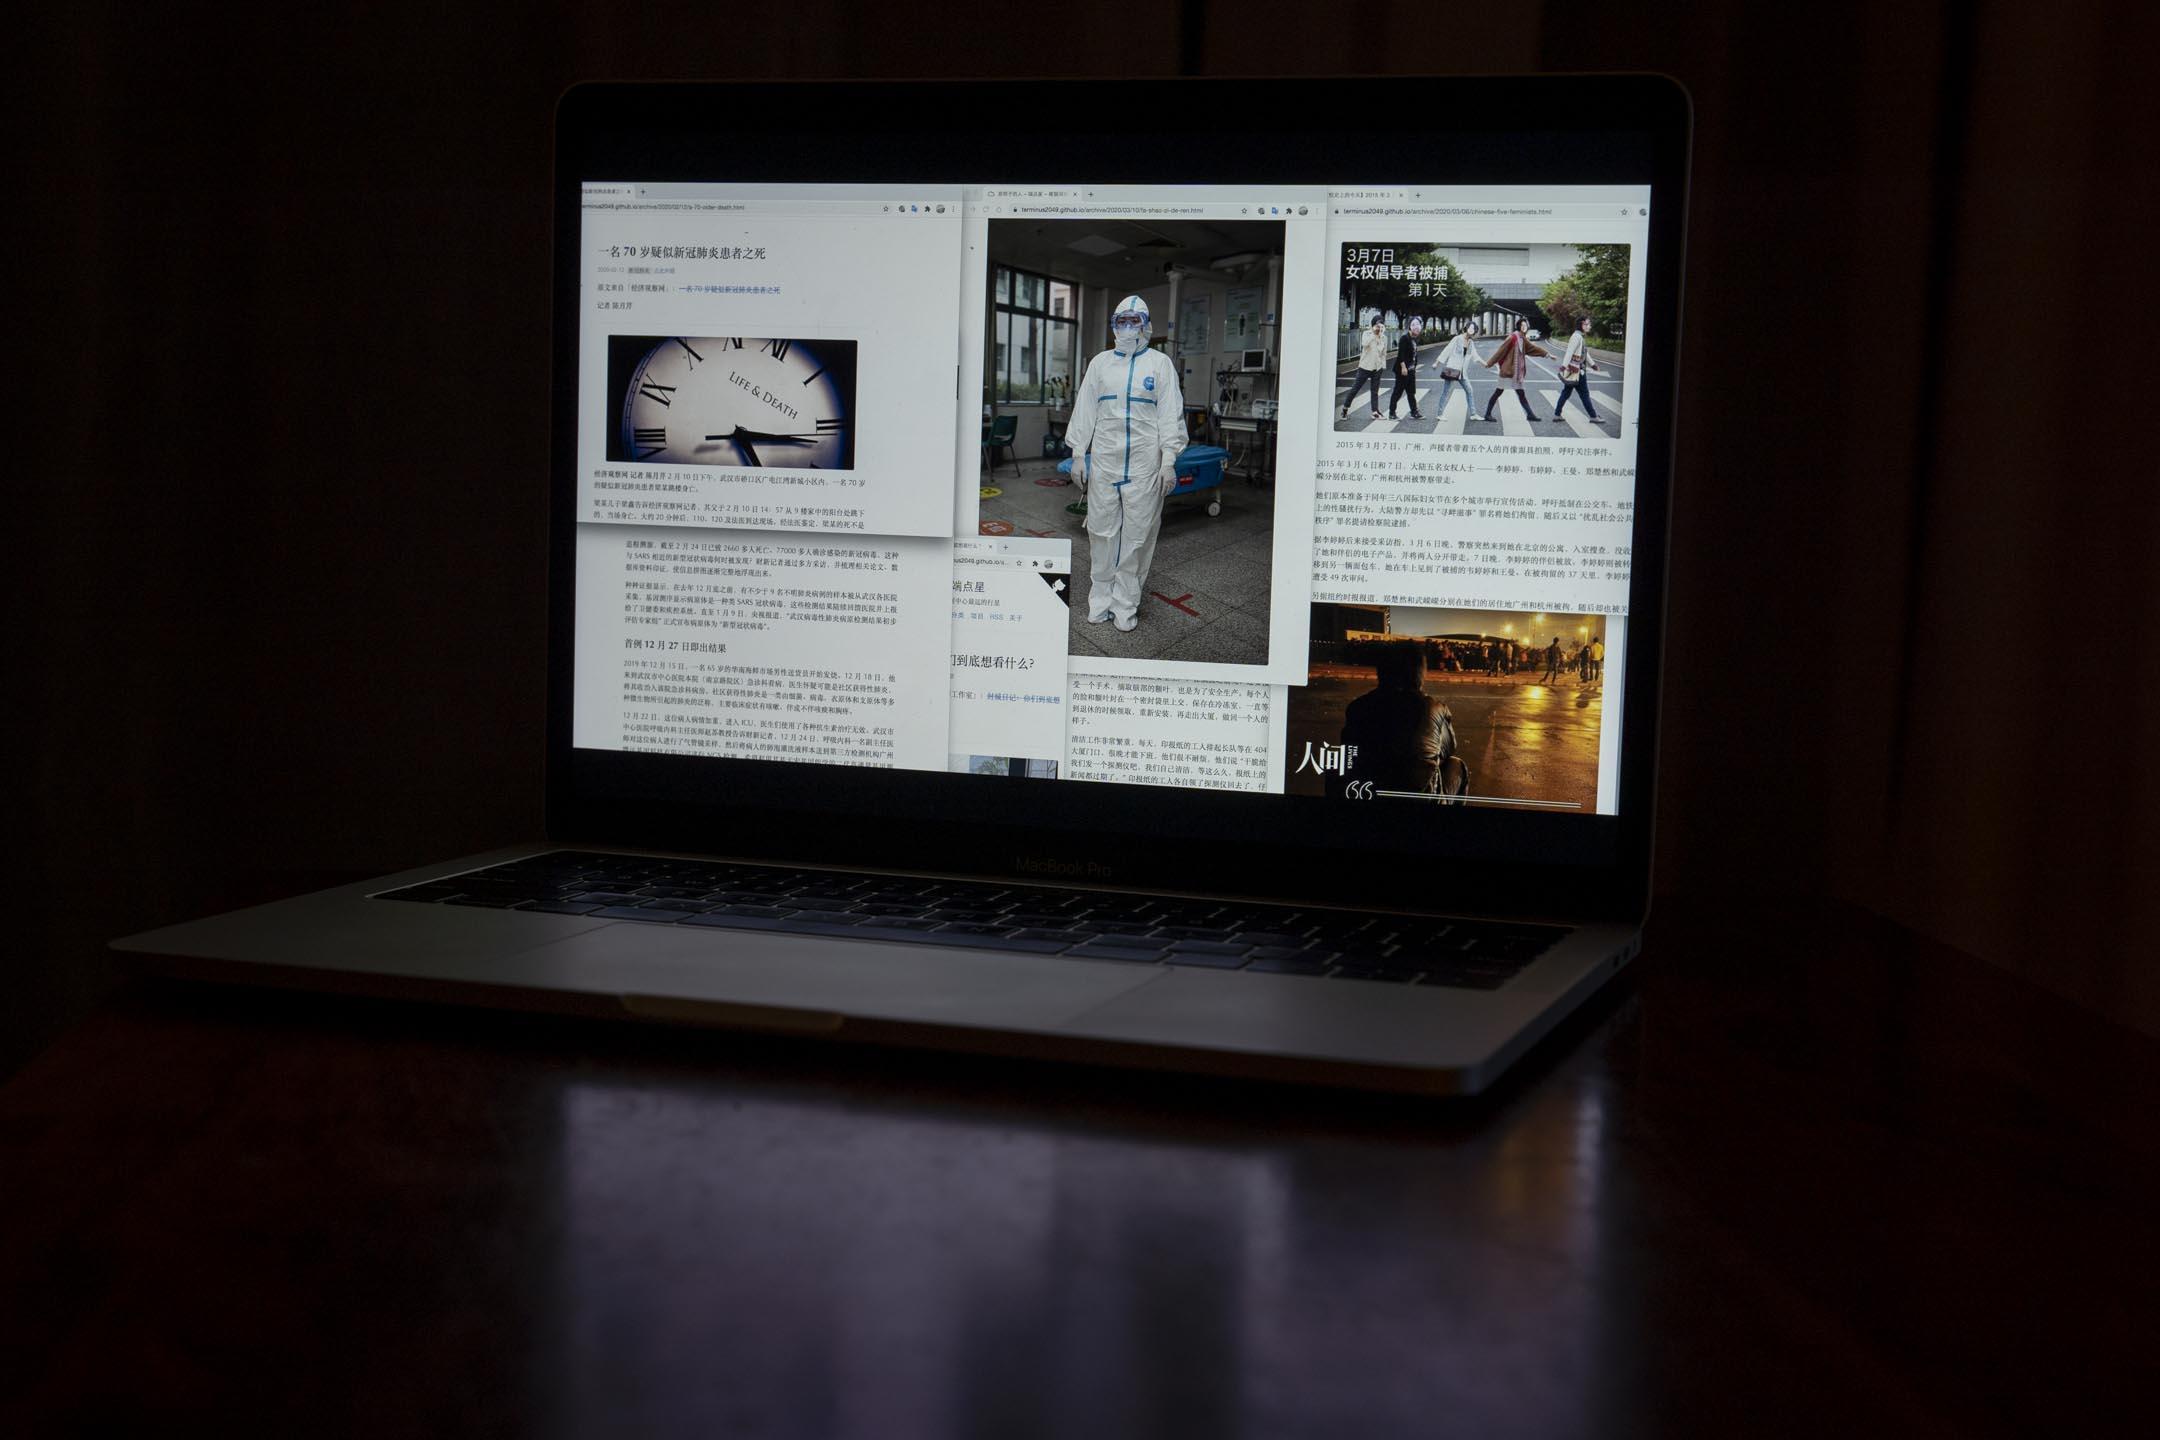 「端點星」網頁用去中心化的方式備份微信、微博等中國大陸平台上被刪除的文章,對抗信息審查和數字集權。 圖:端傳媒